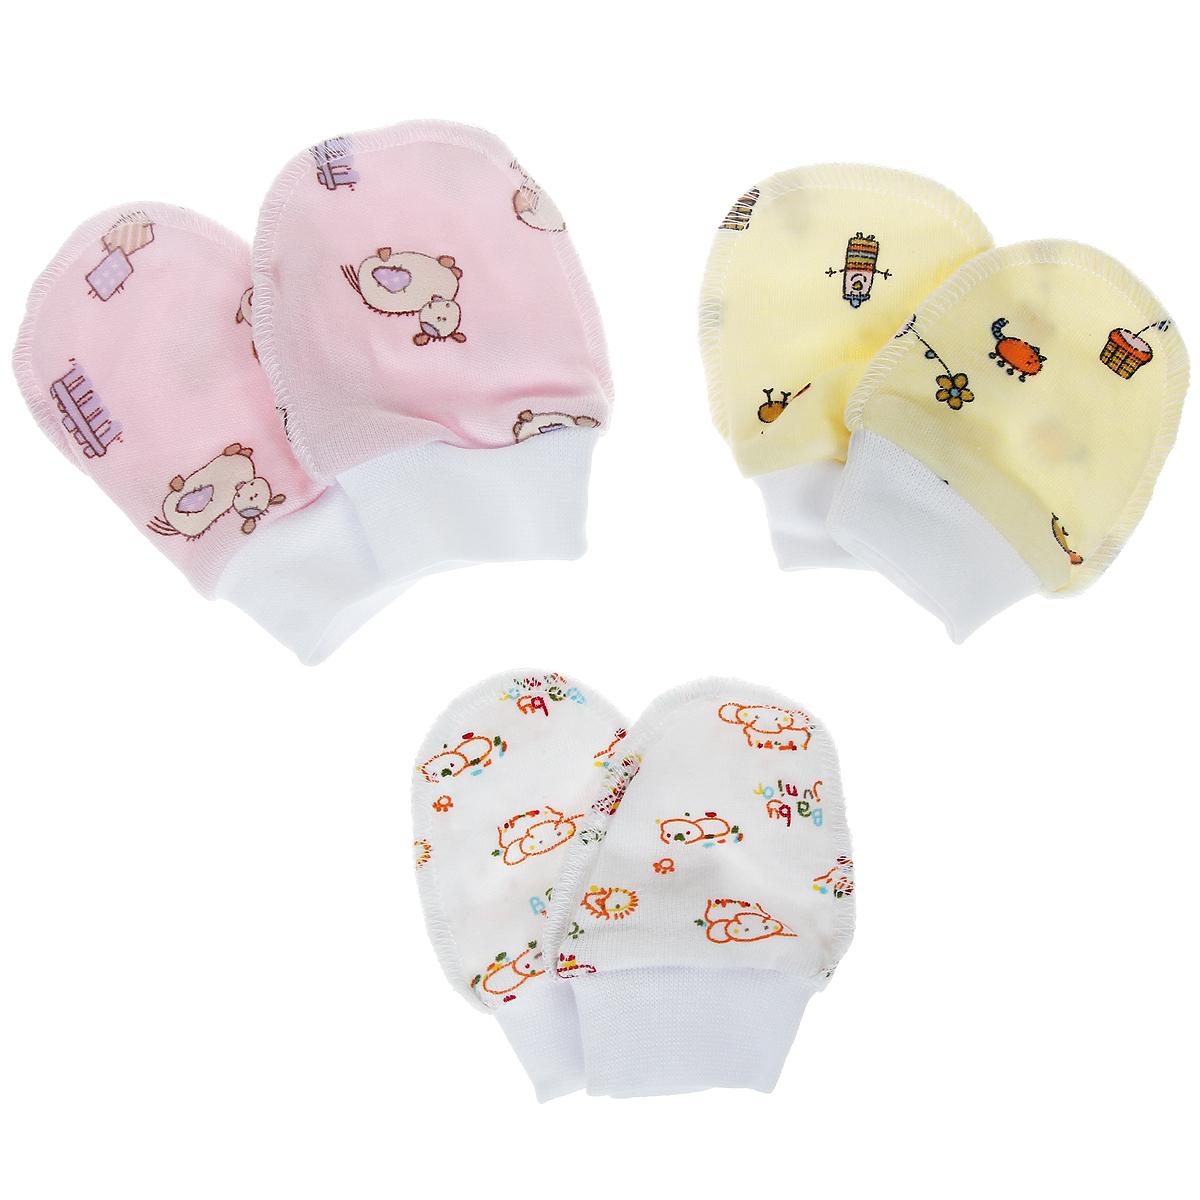 Комплект рукавичек Фреш Стайл, цвет: розовый, белый, желтый, 3 пары. 33-107д. Размер 56, от 0 до 3 месяцев33-107дКомплект Фреш Стайл состоит из трех пар рукавичек, оформленных забавным принтовым рисунком. Они идеально подойдут вашему малышу. Рукавички очень удобные, с мягкой широкой резинкой обеспечат комфорт во время сна и бодрствования, предохраняя нежную кожу новорожденного от расцарапывания.